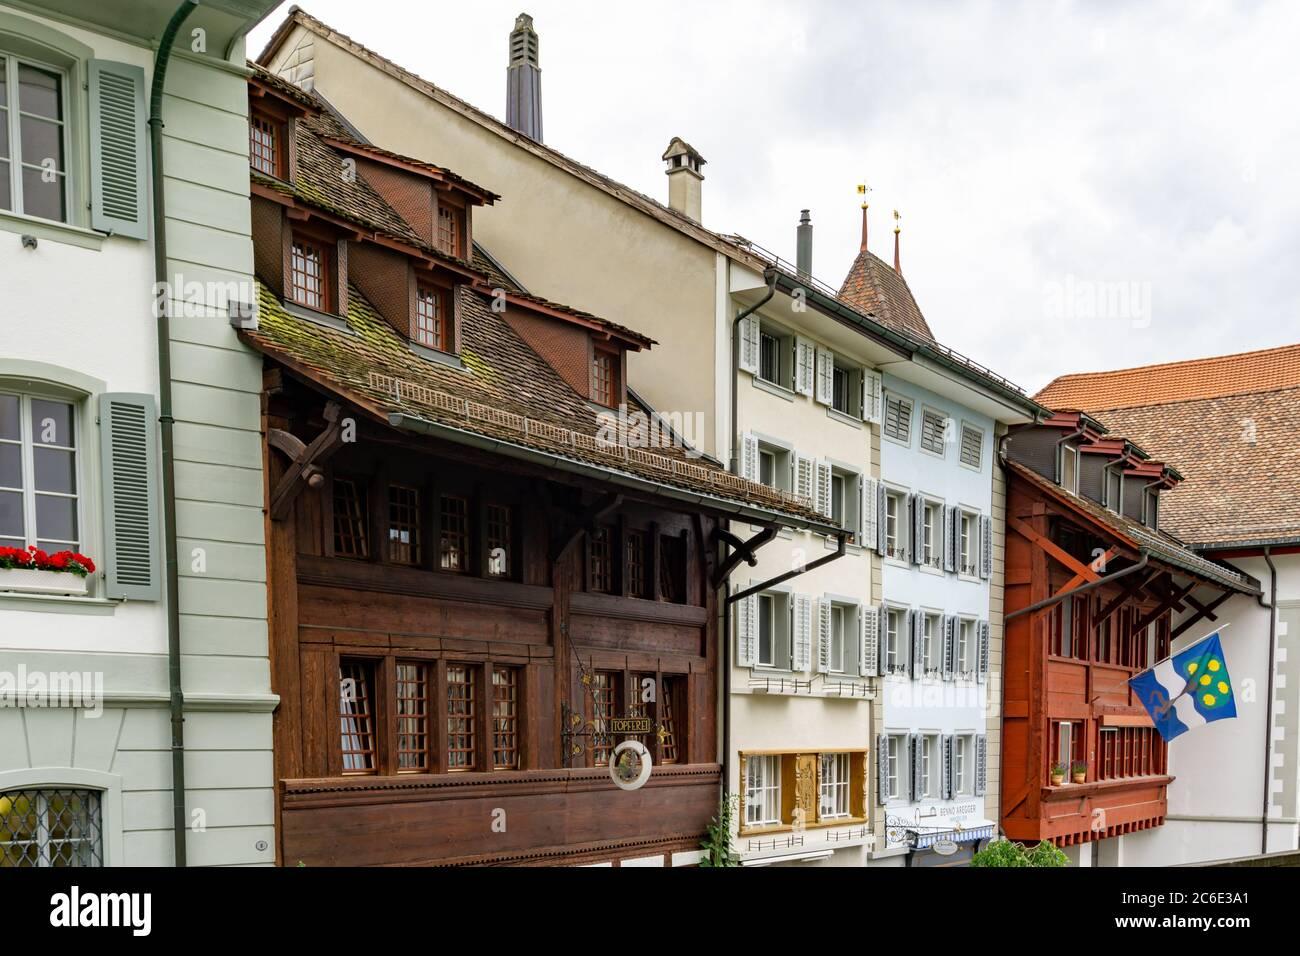 Willisau, LU / Schweiz - 3. Juli 2020: Historische Altstadt von Willisau im Kanton Luzern Stockfoto